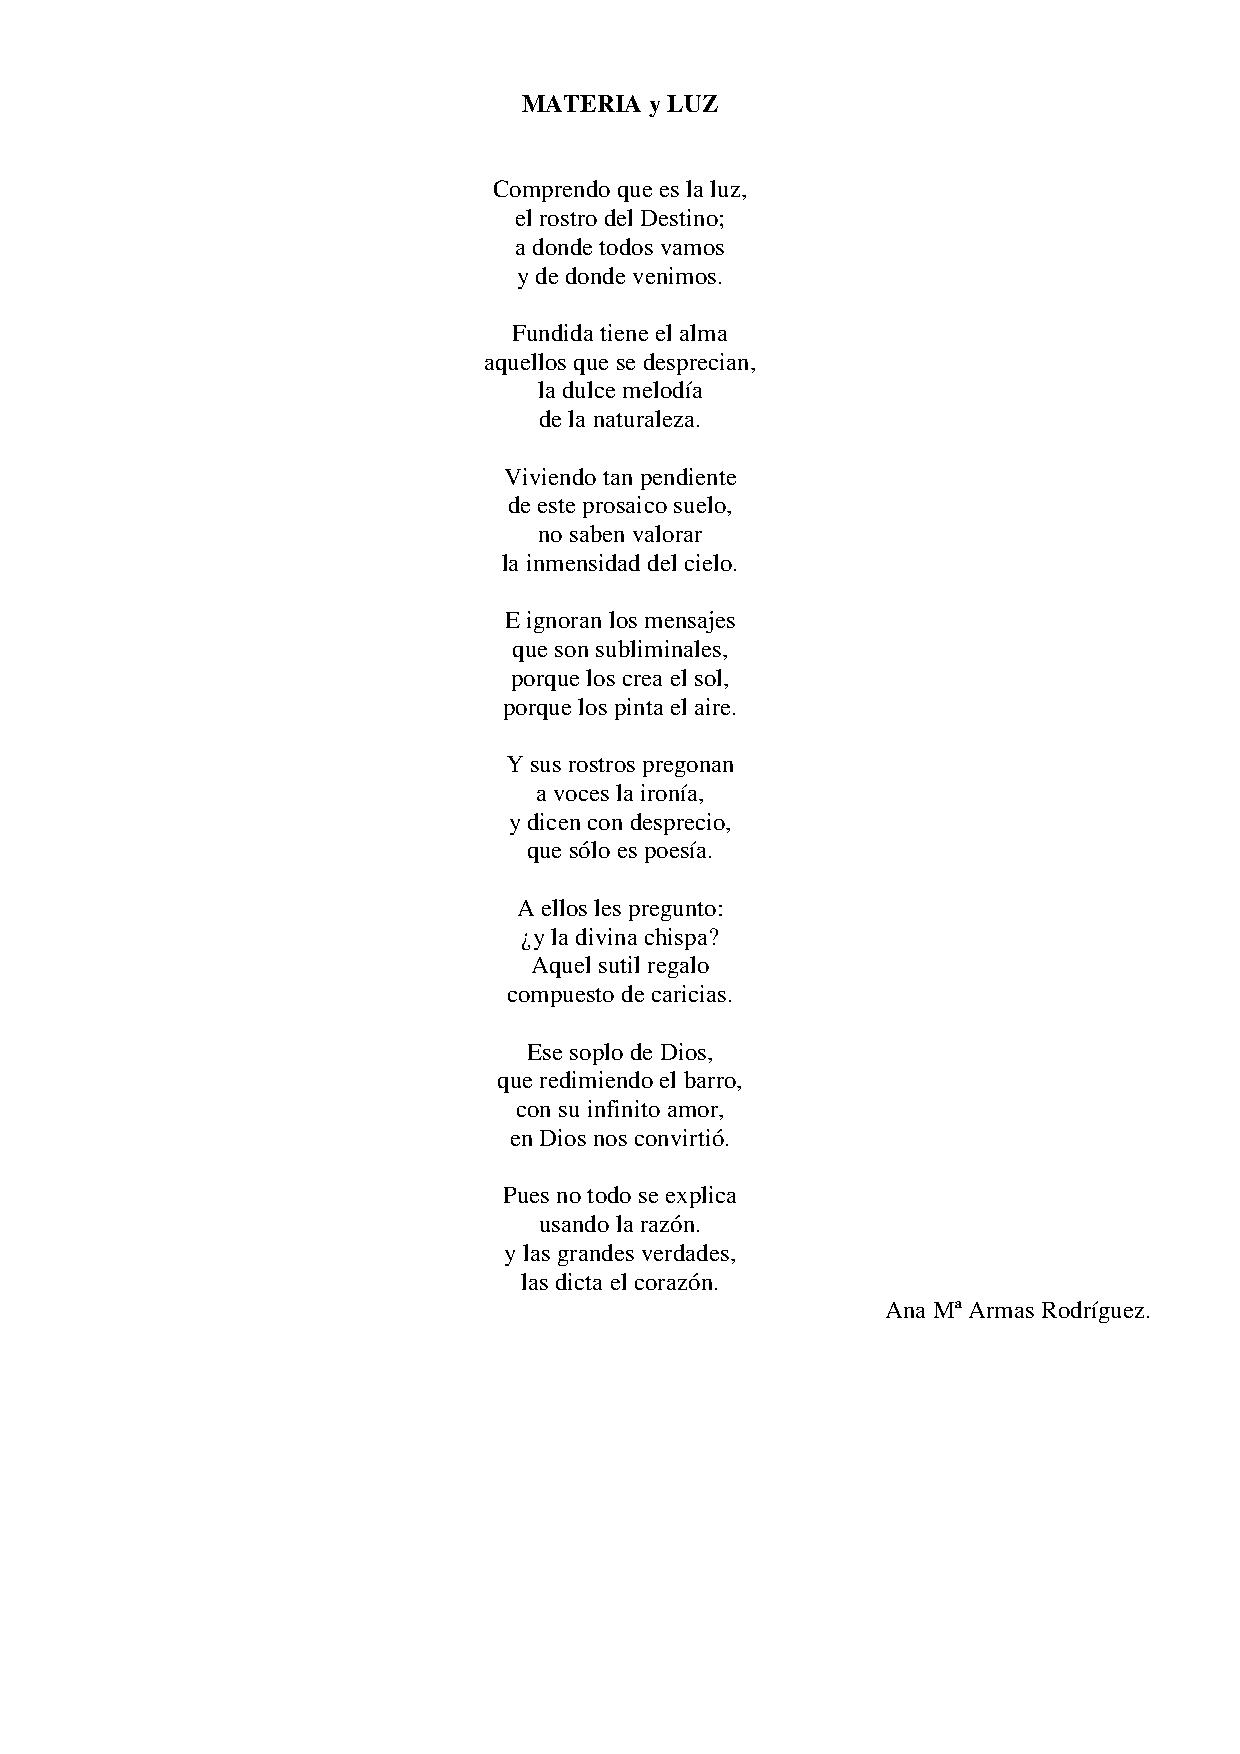 Textos_Poesias__selección_15.jpg